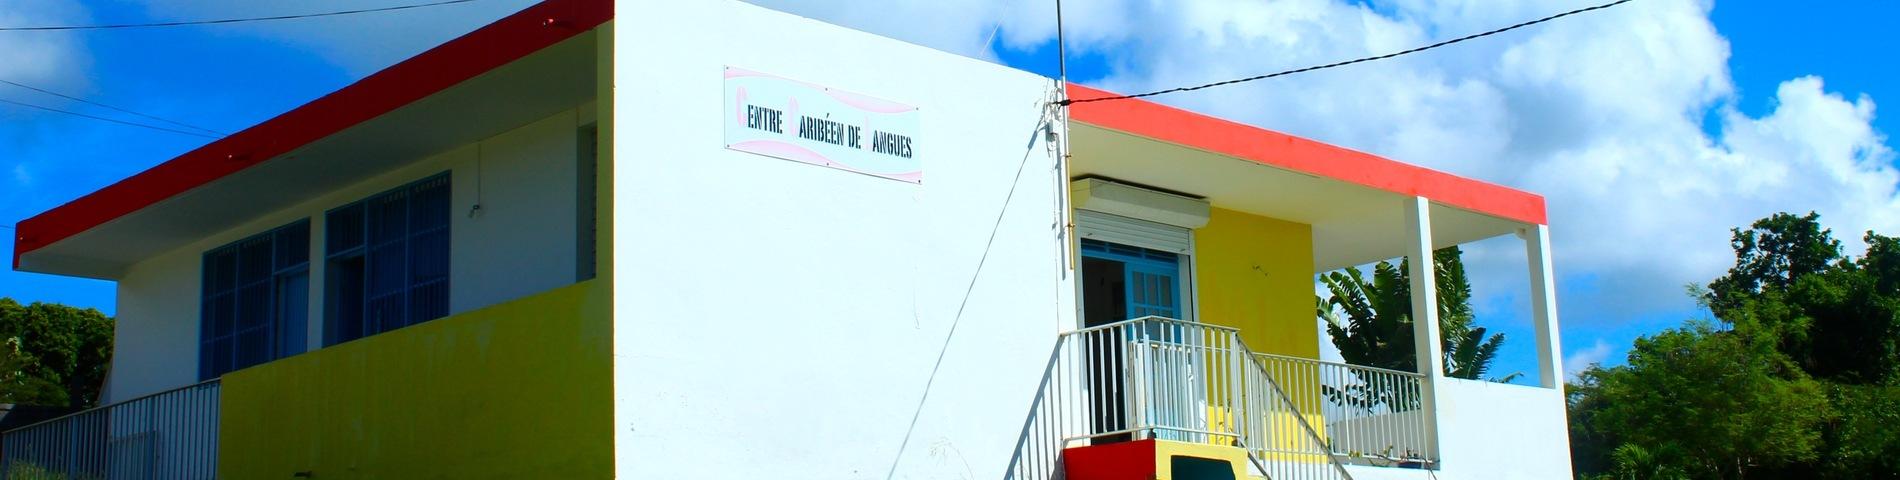 Centre Caribéen de Langues obrazek 1